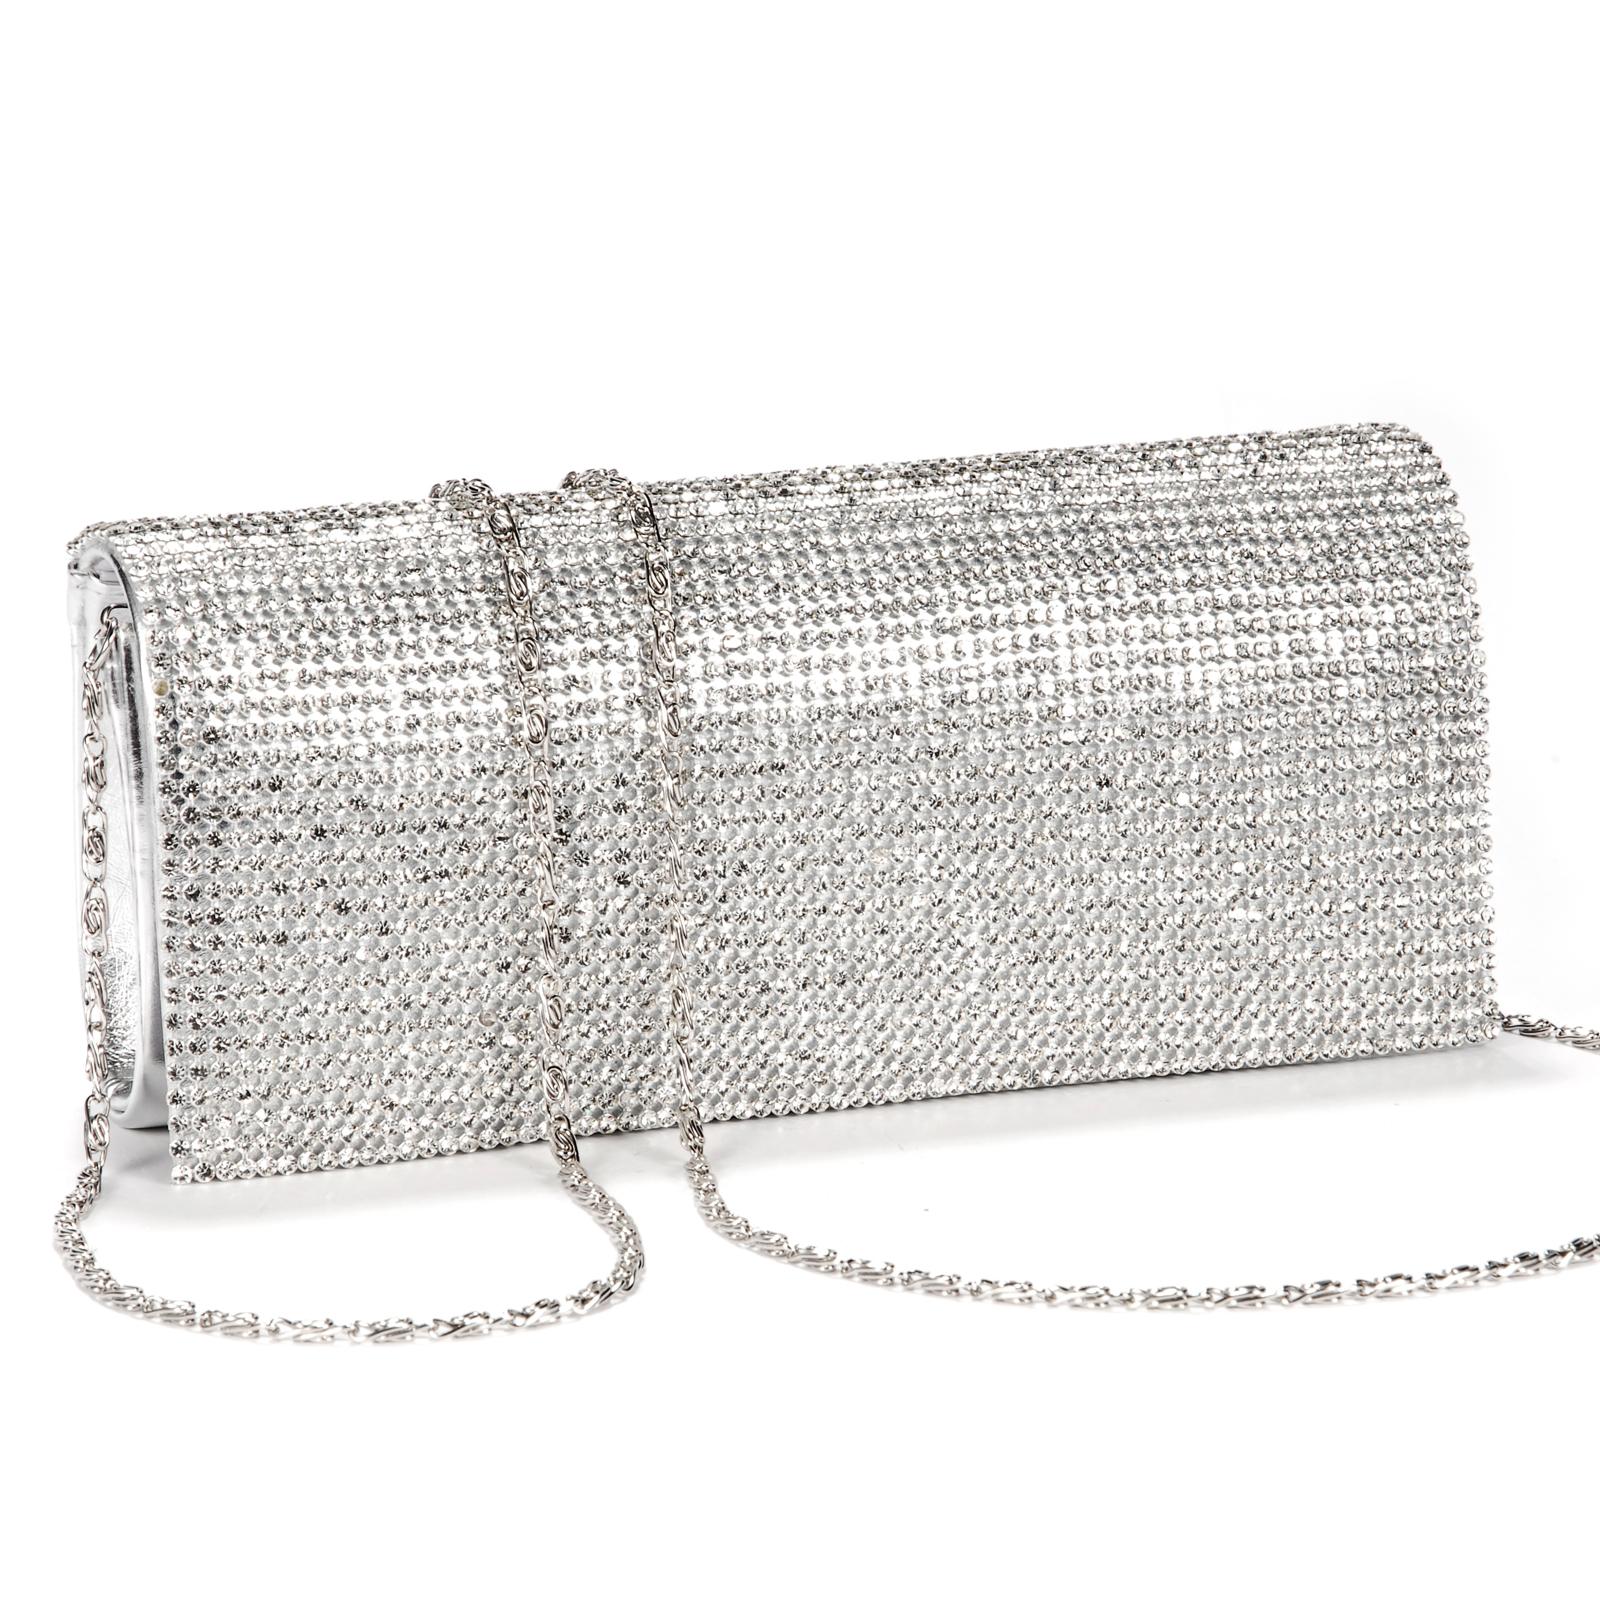 Shimmering Diamante Crystal Evening Clutch Purse Wedding Prom Women Bag Silver | EBay